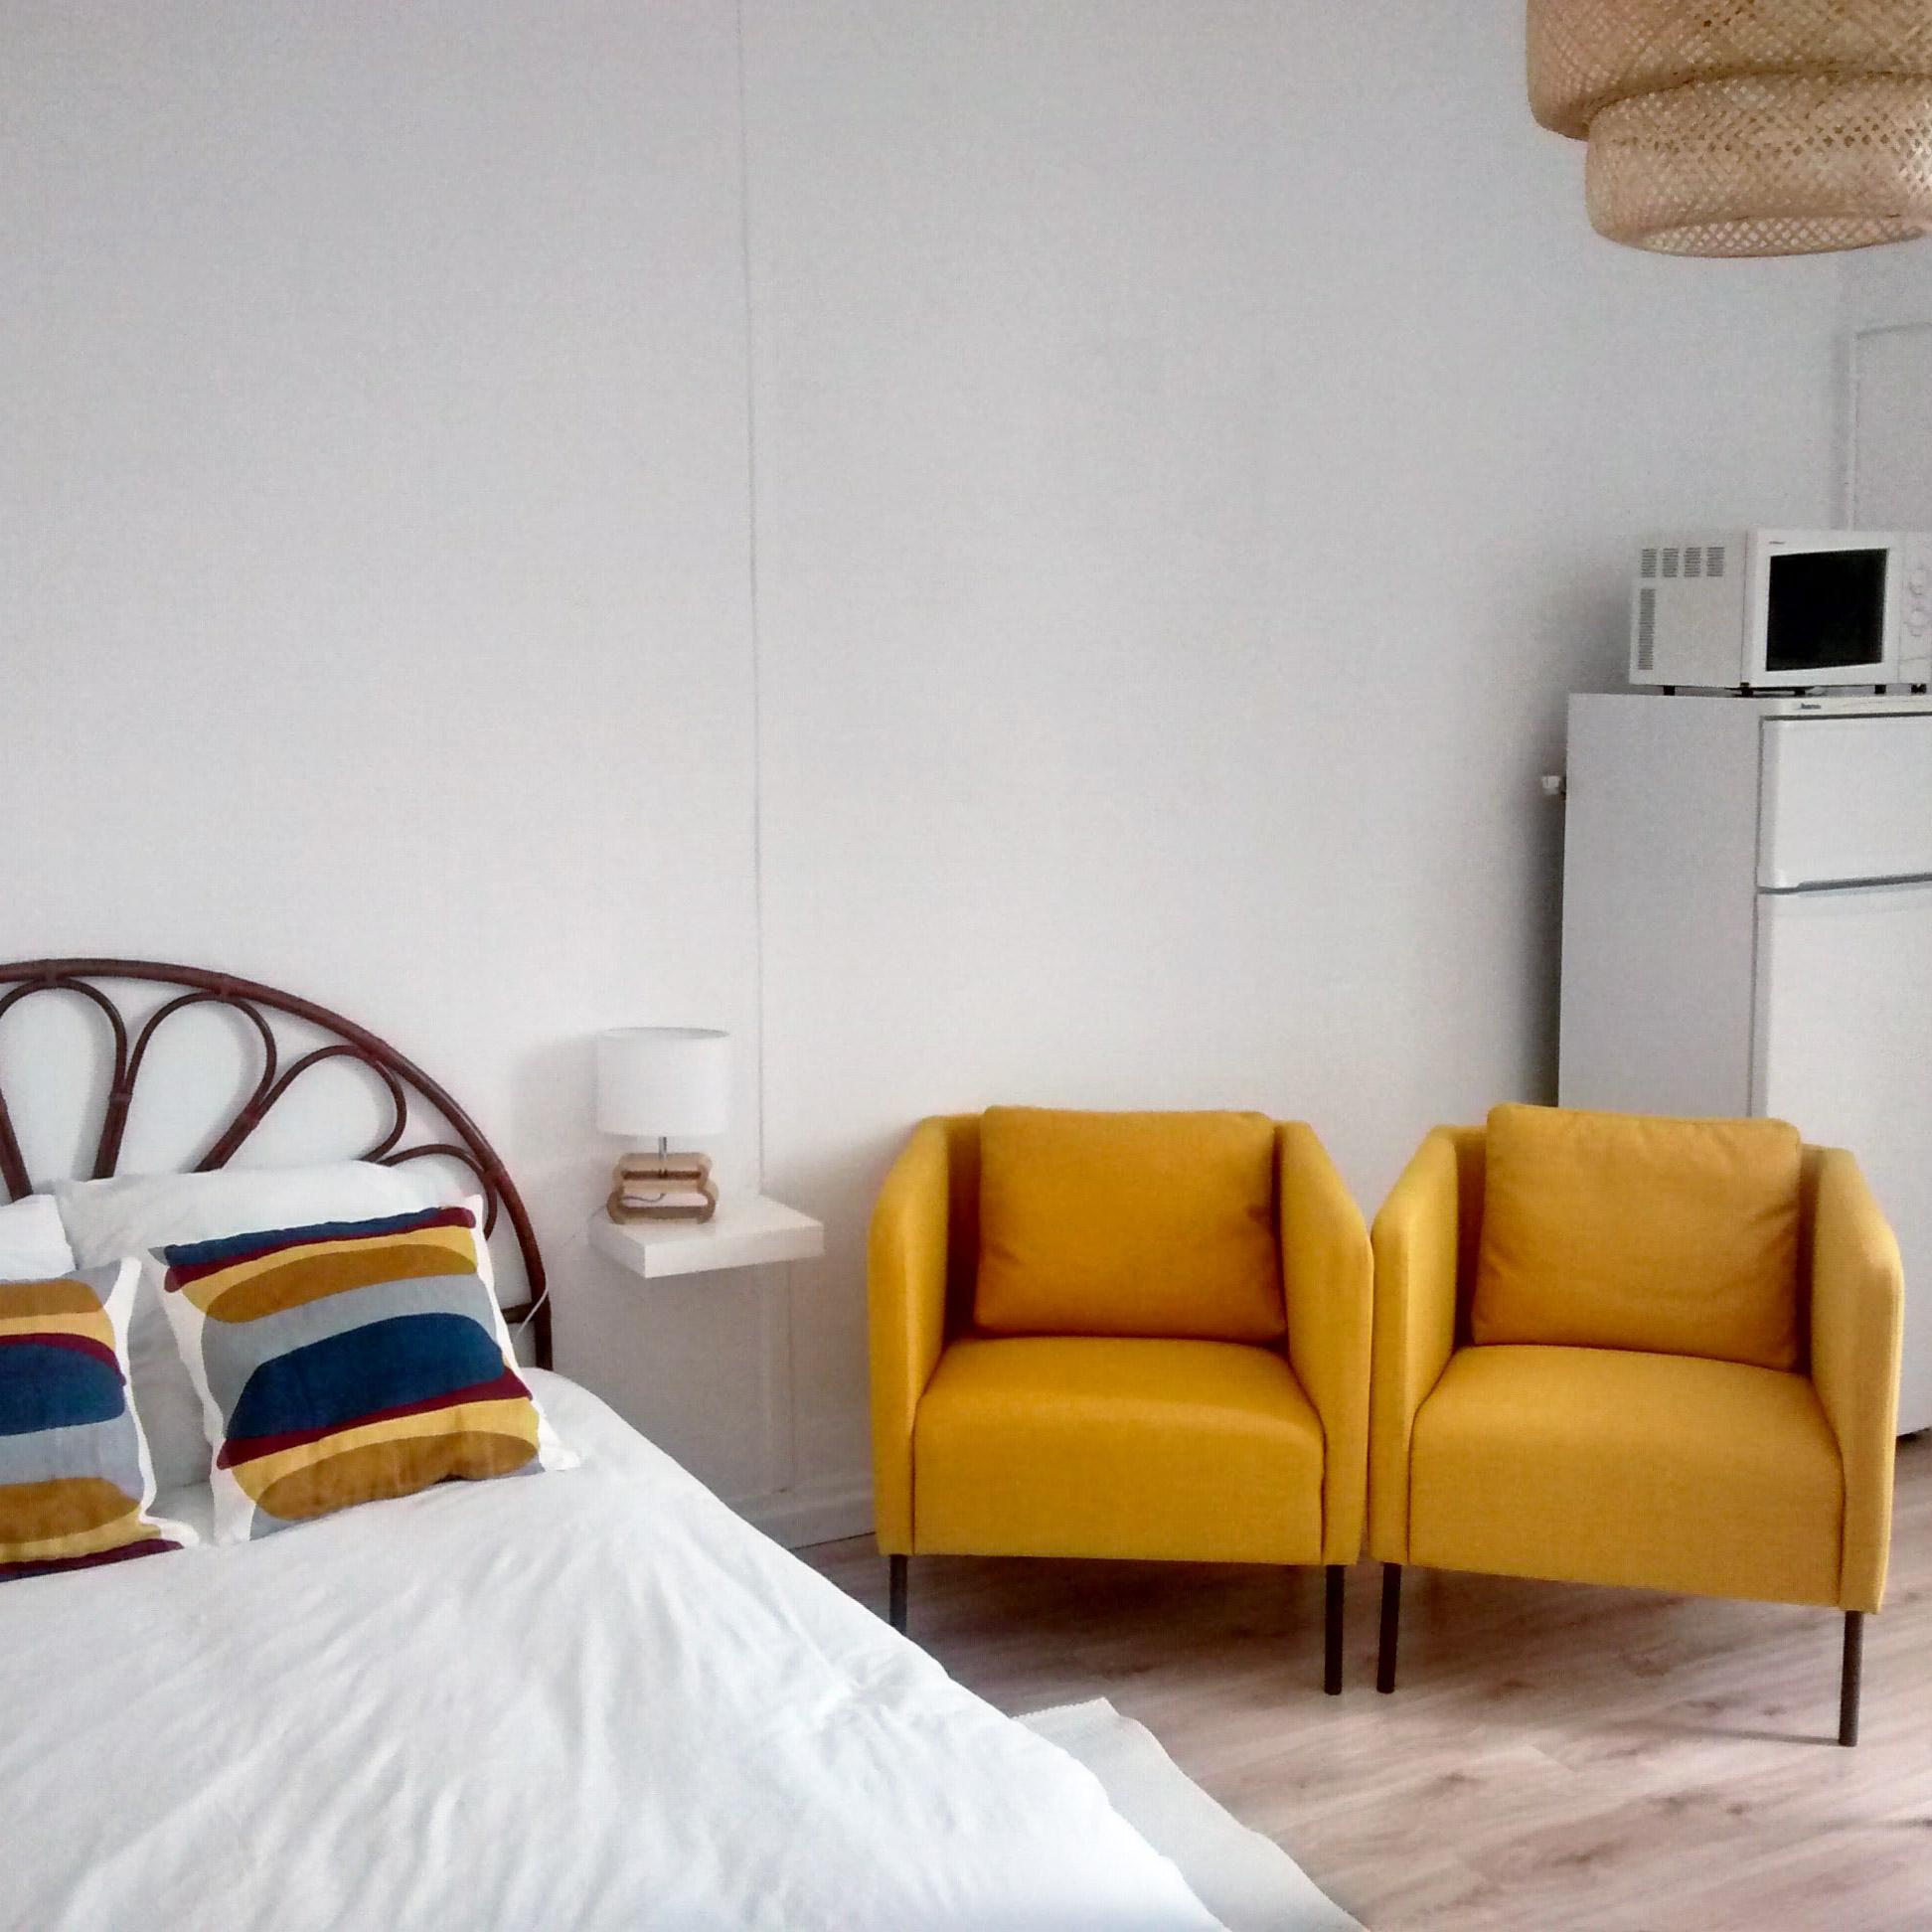 Studio Citron - Salon meublé équipé - Location Dax